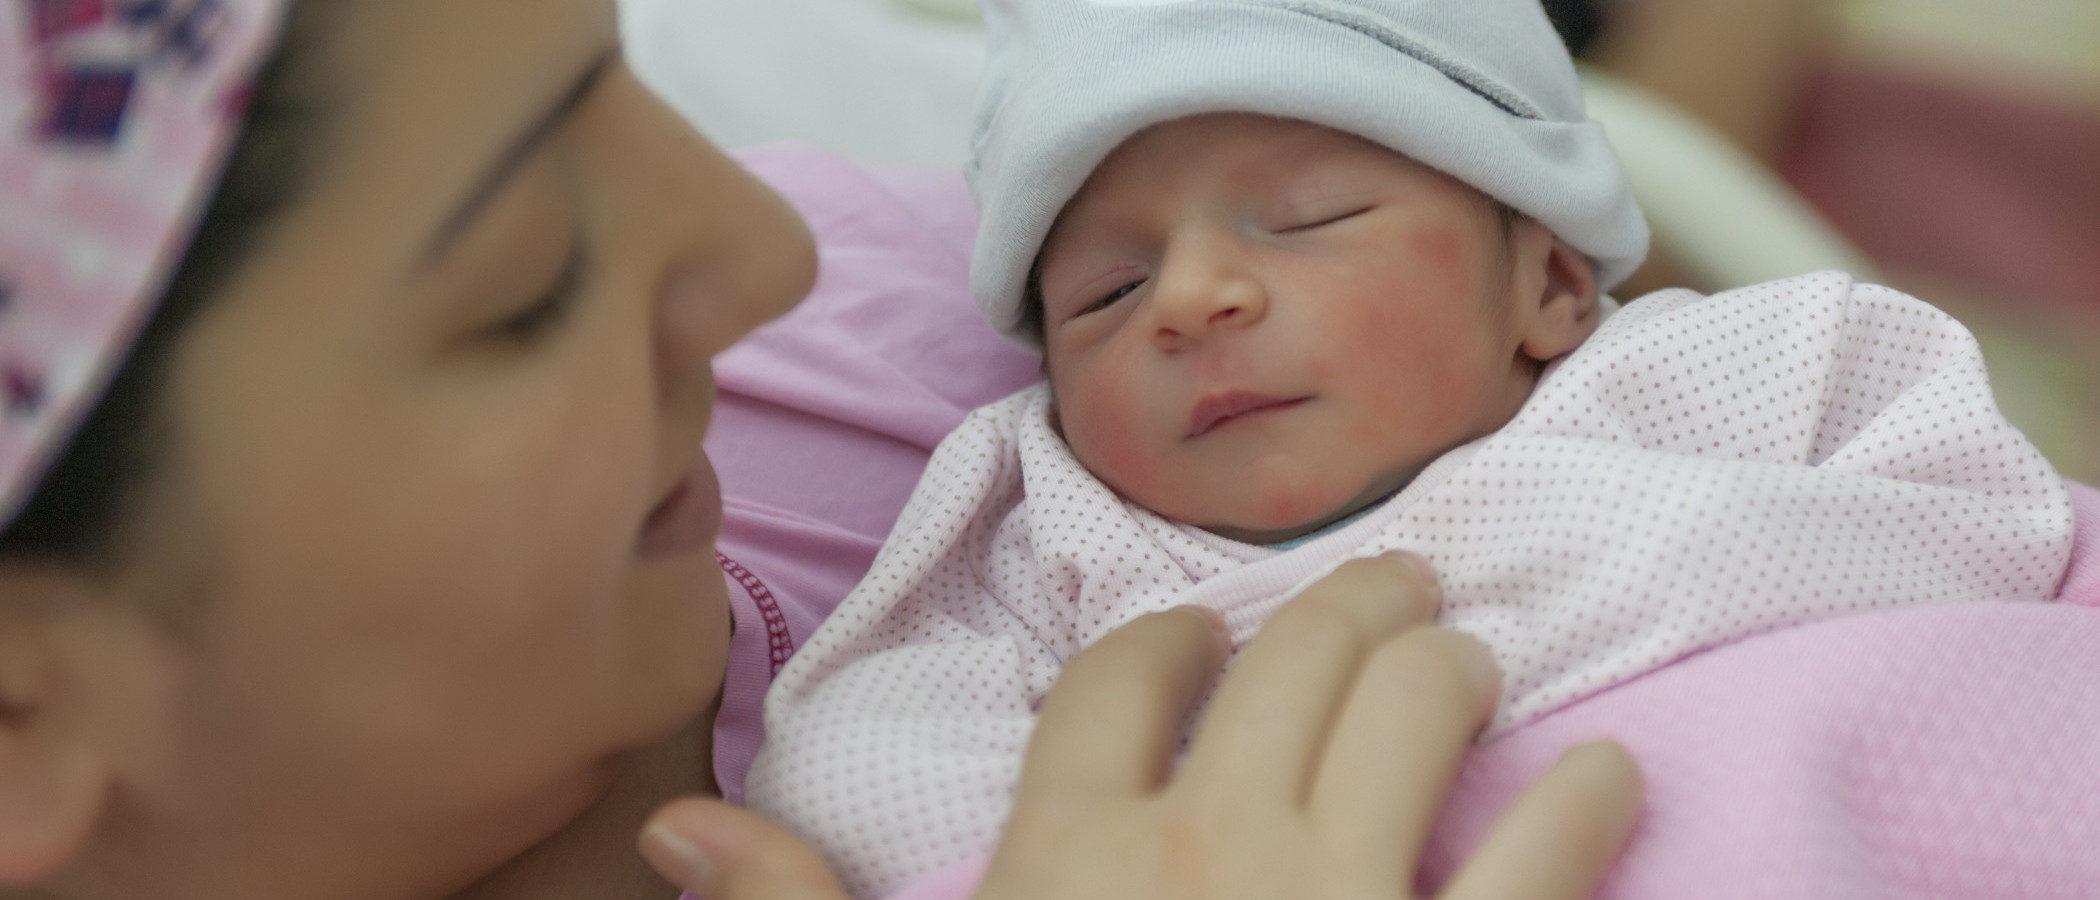 Las primeras horas de vida del bebé